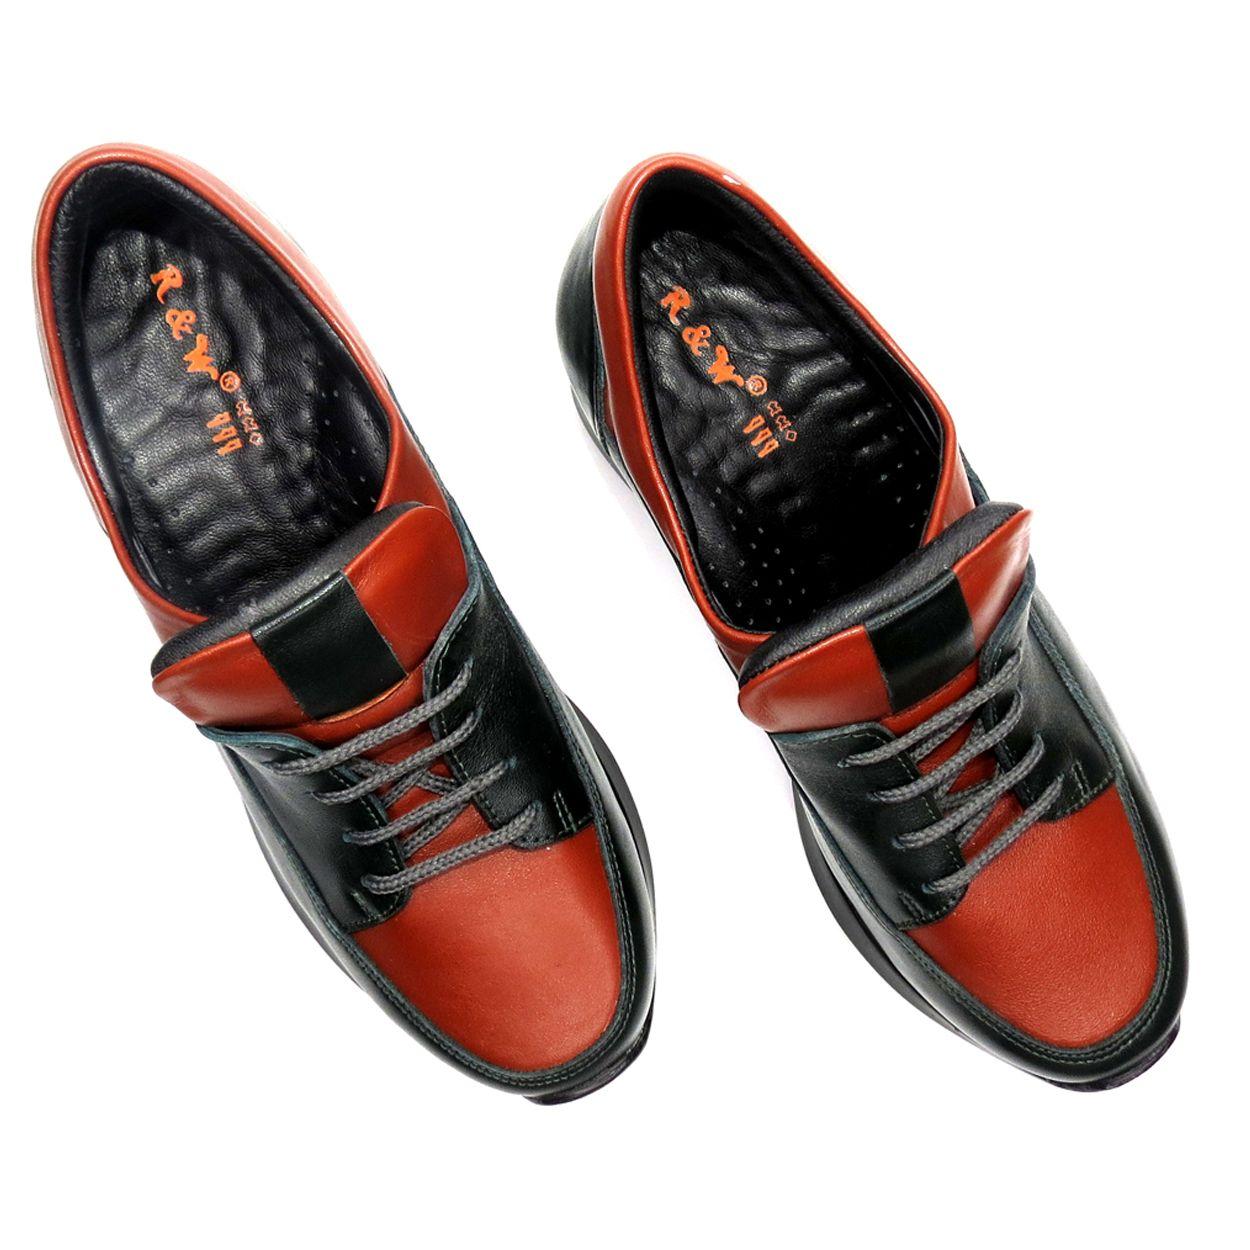 کفش روزمره زنانه آر اند دبلیو مدل 416 رنگ یشمی -  - 7